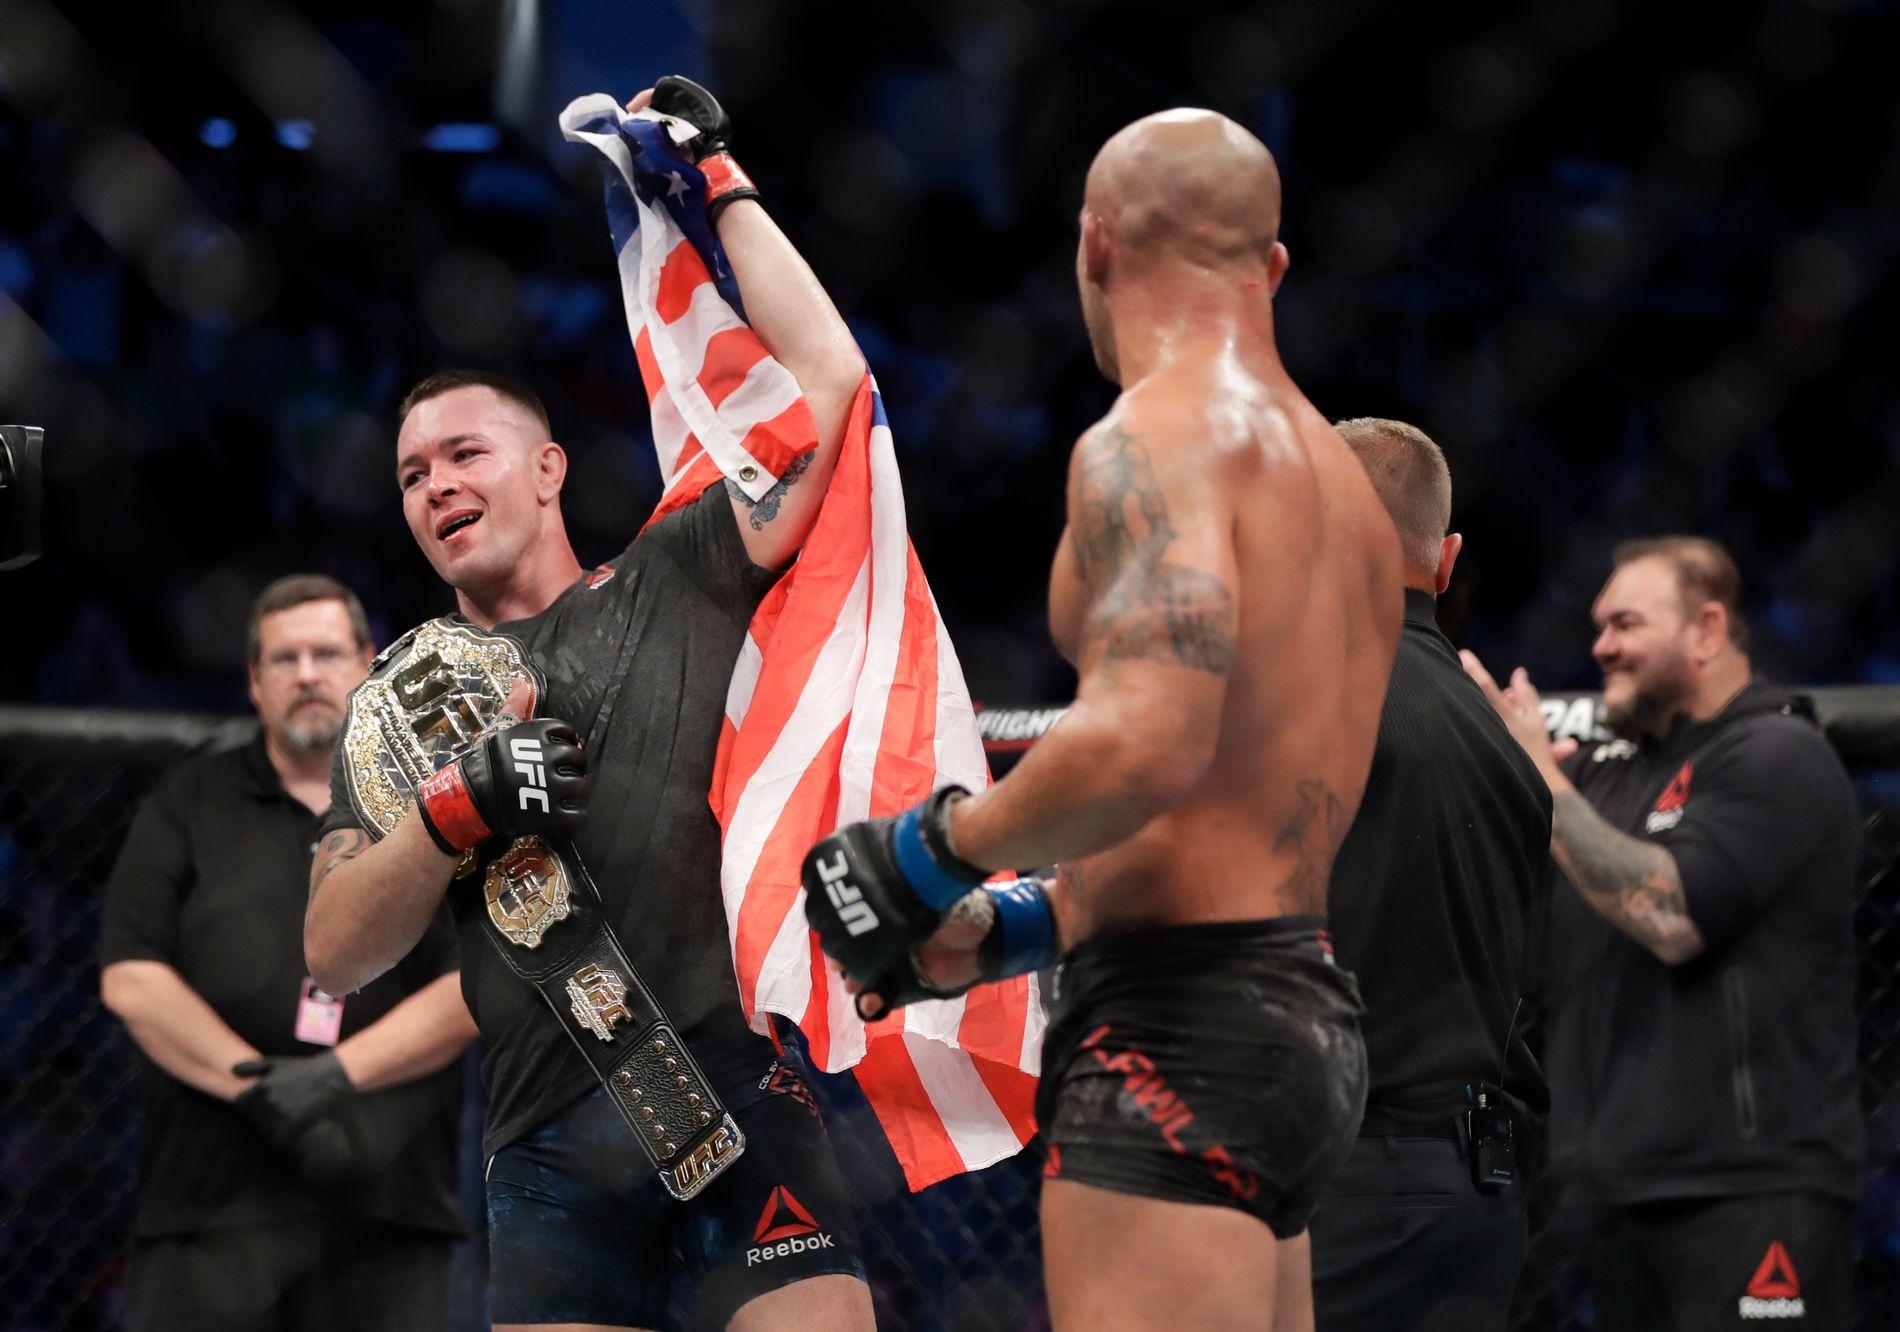 Til tross for sin kontroversielle væremåte er Colby Covington en av MMA-sportens største stjerner.